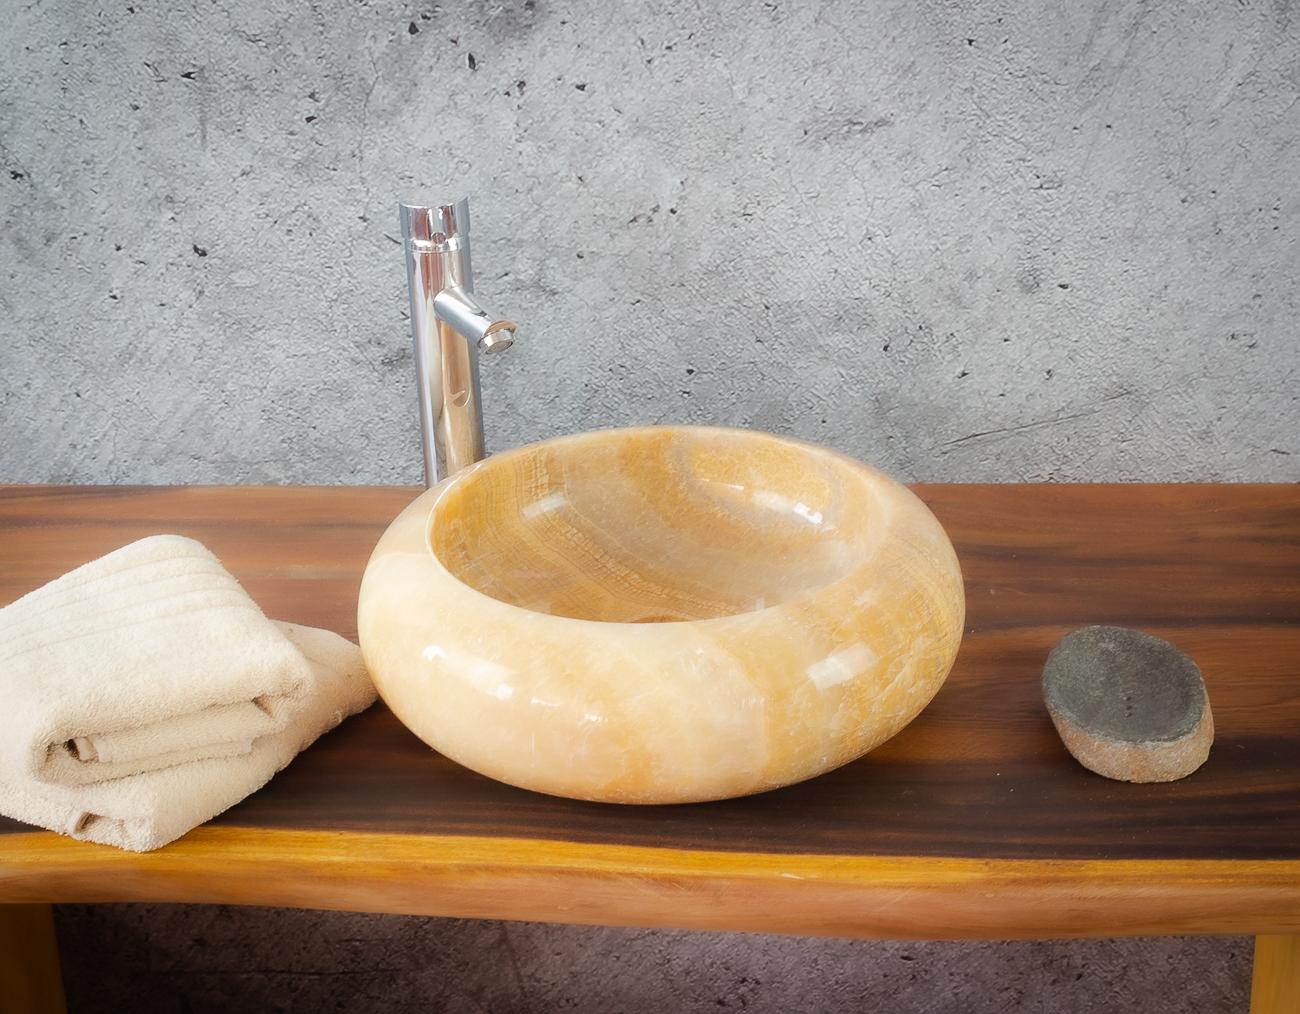 Lavabo de ónyx tipo redondo (Imágenes reales) 40x40cm piezas únicas | mirococo.com